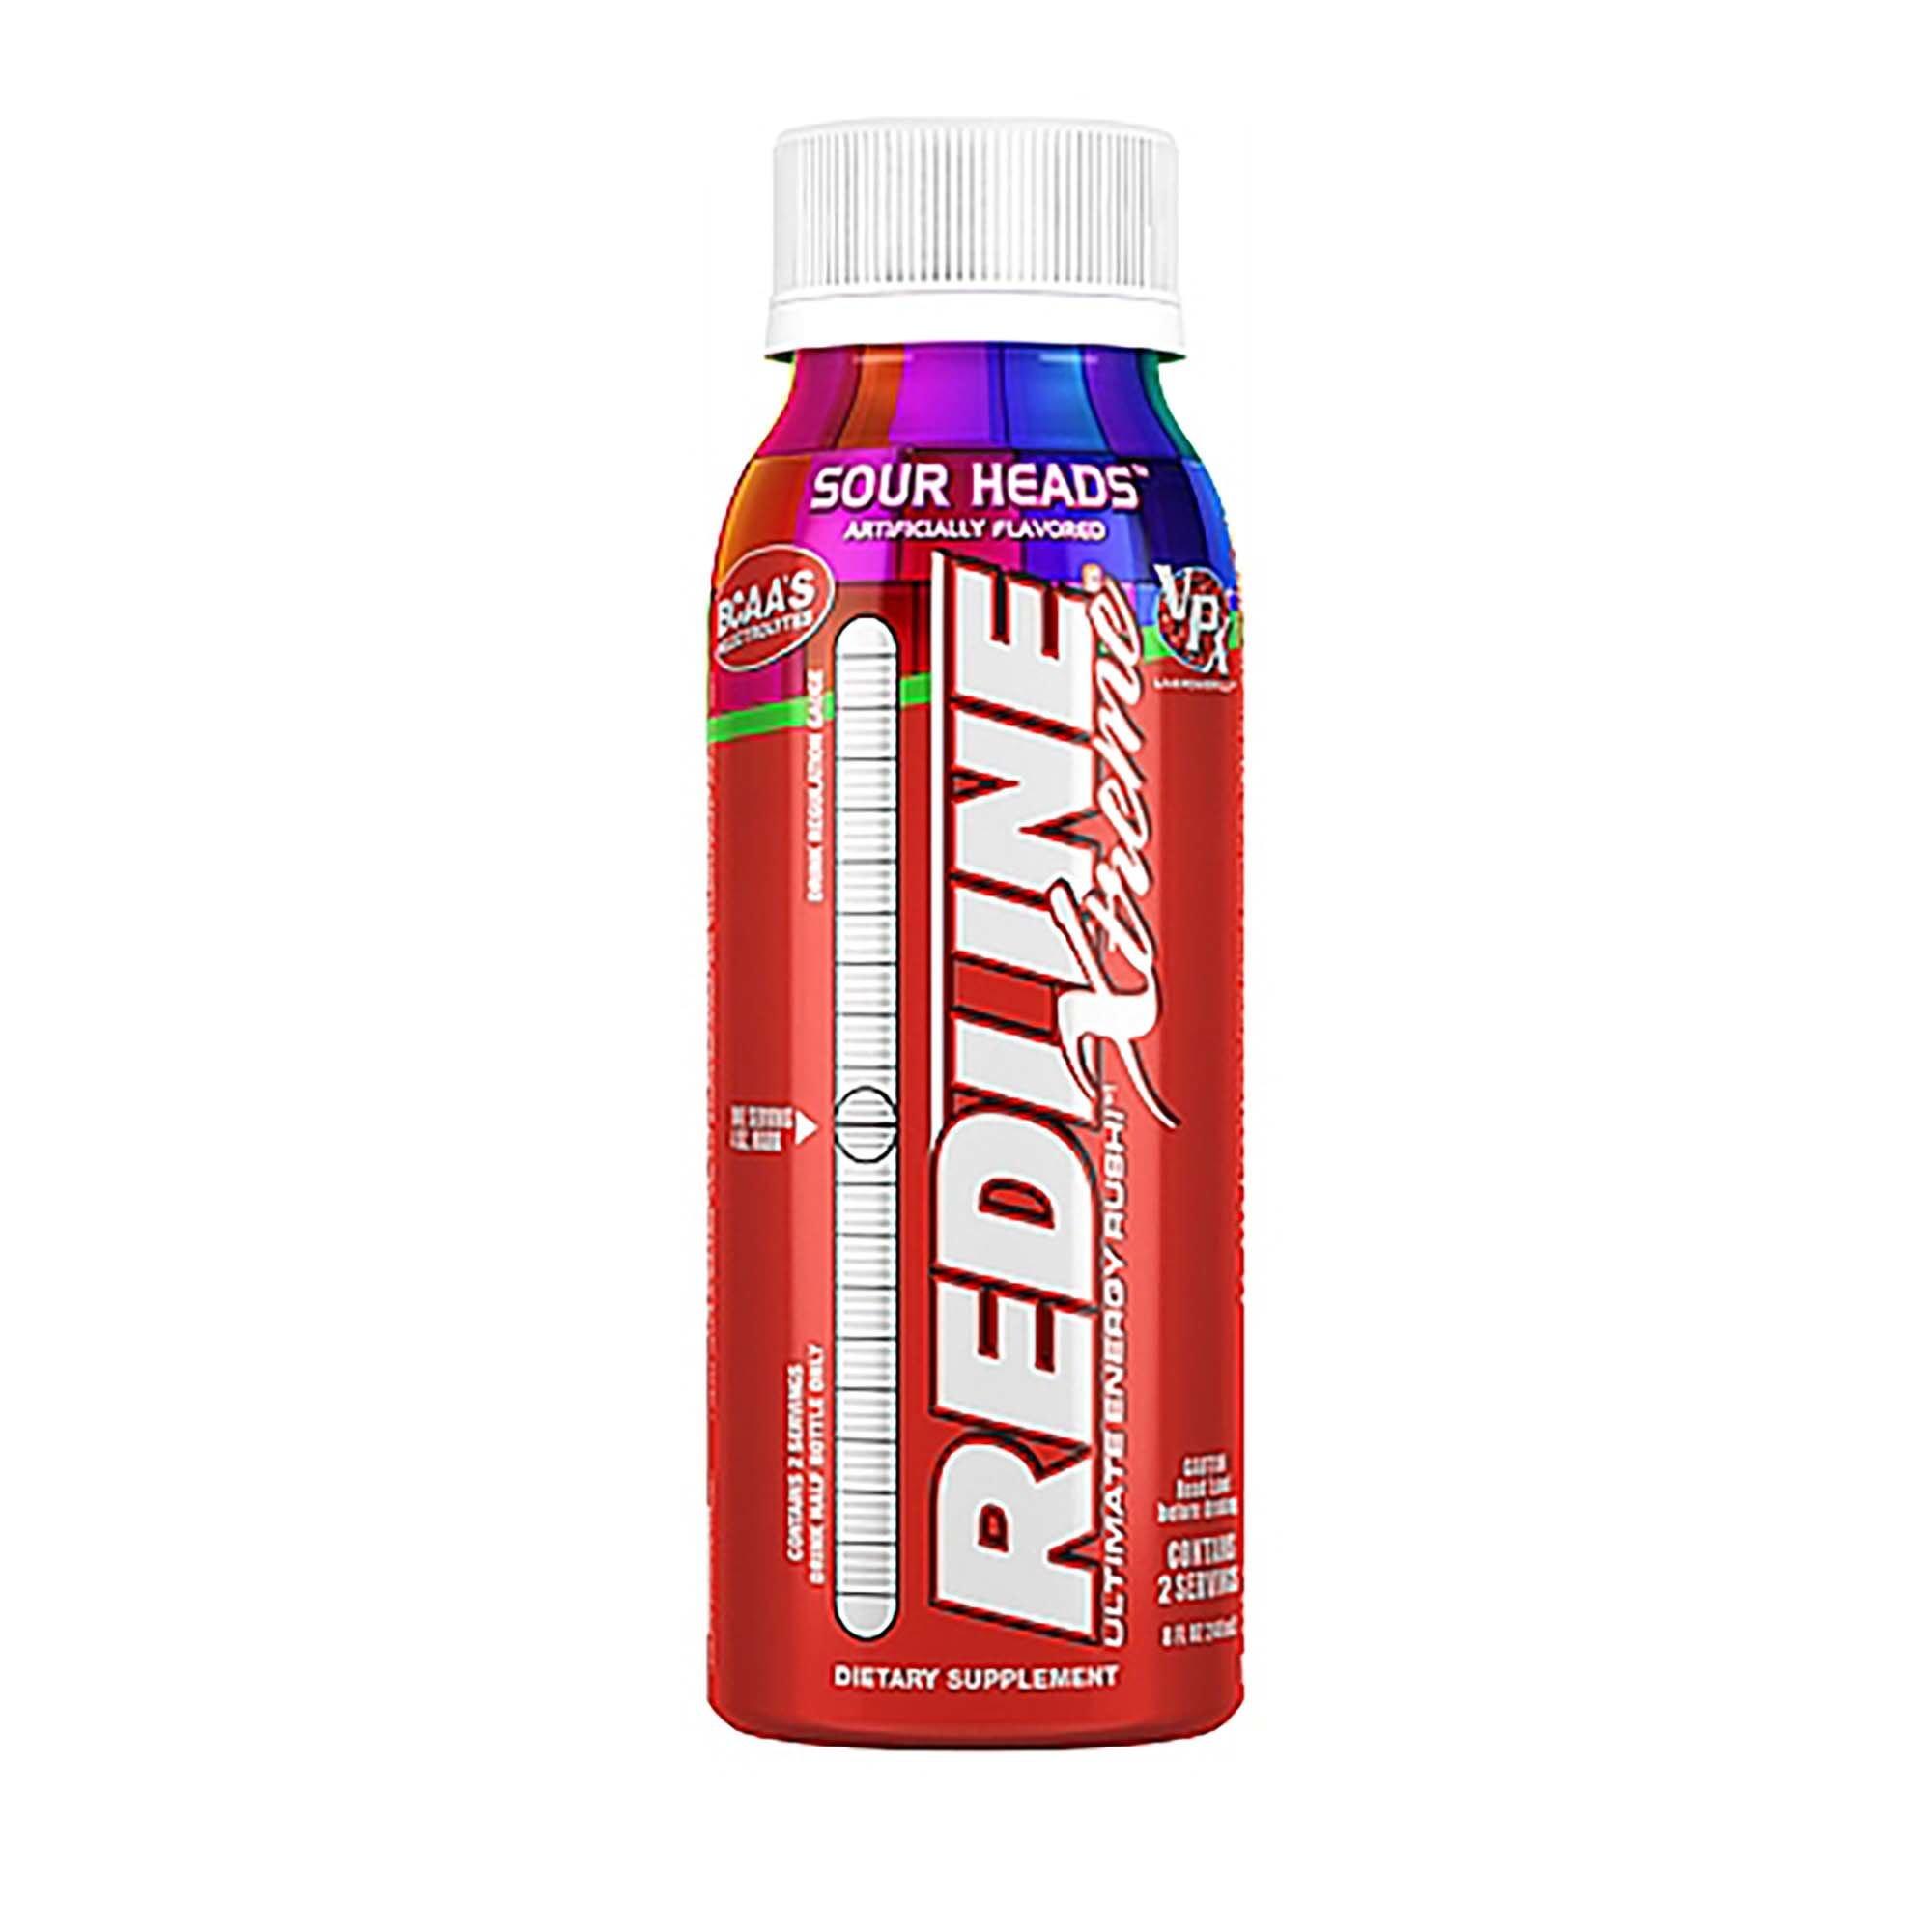 Redline energy review